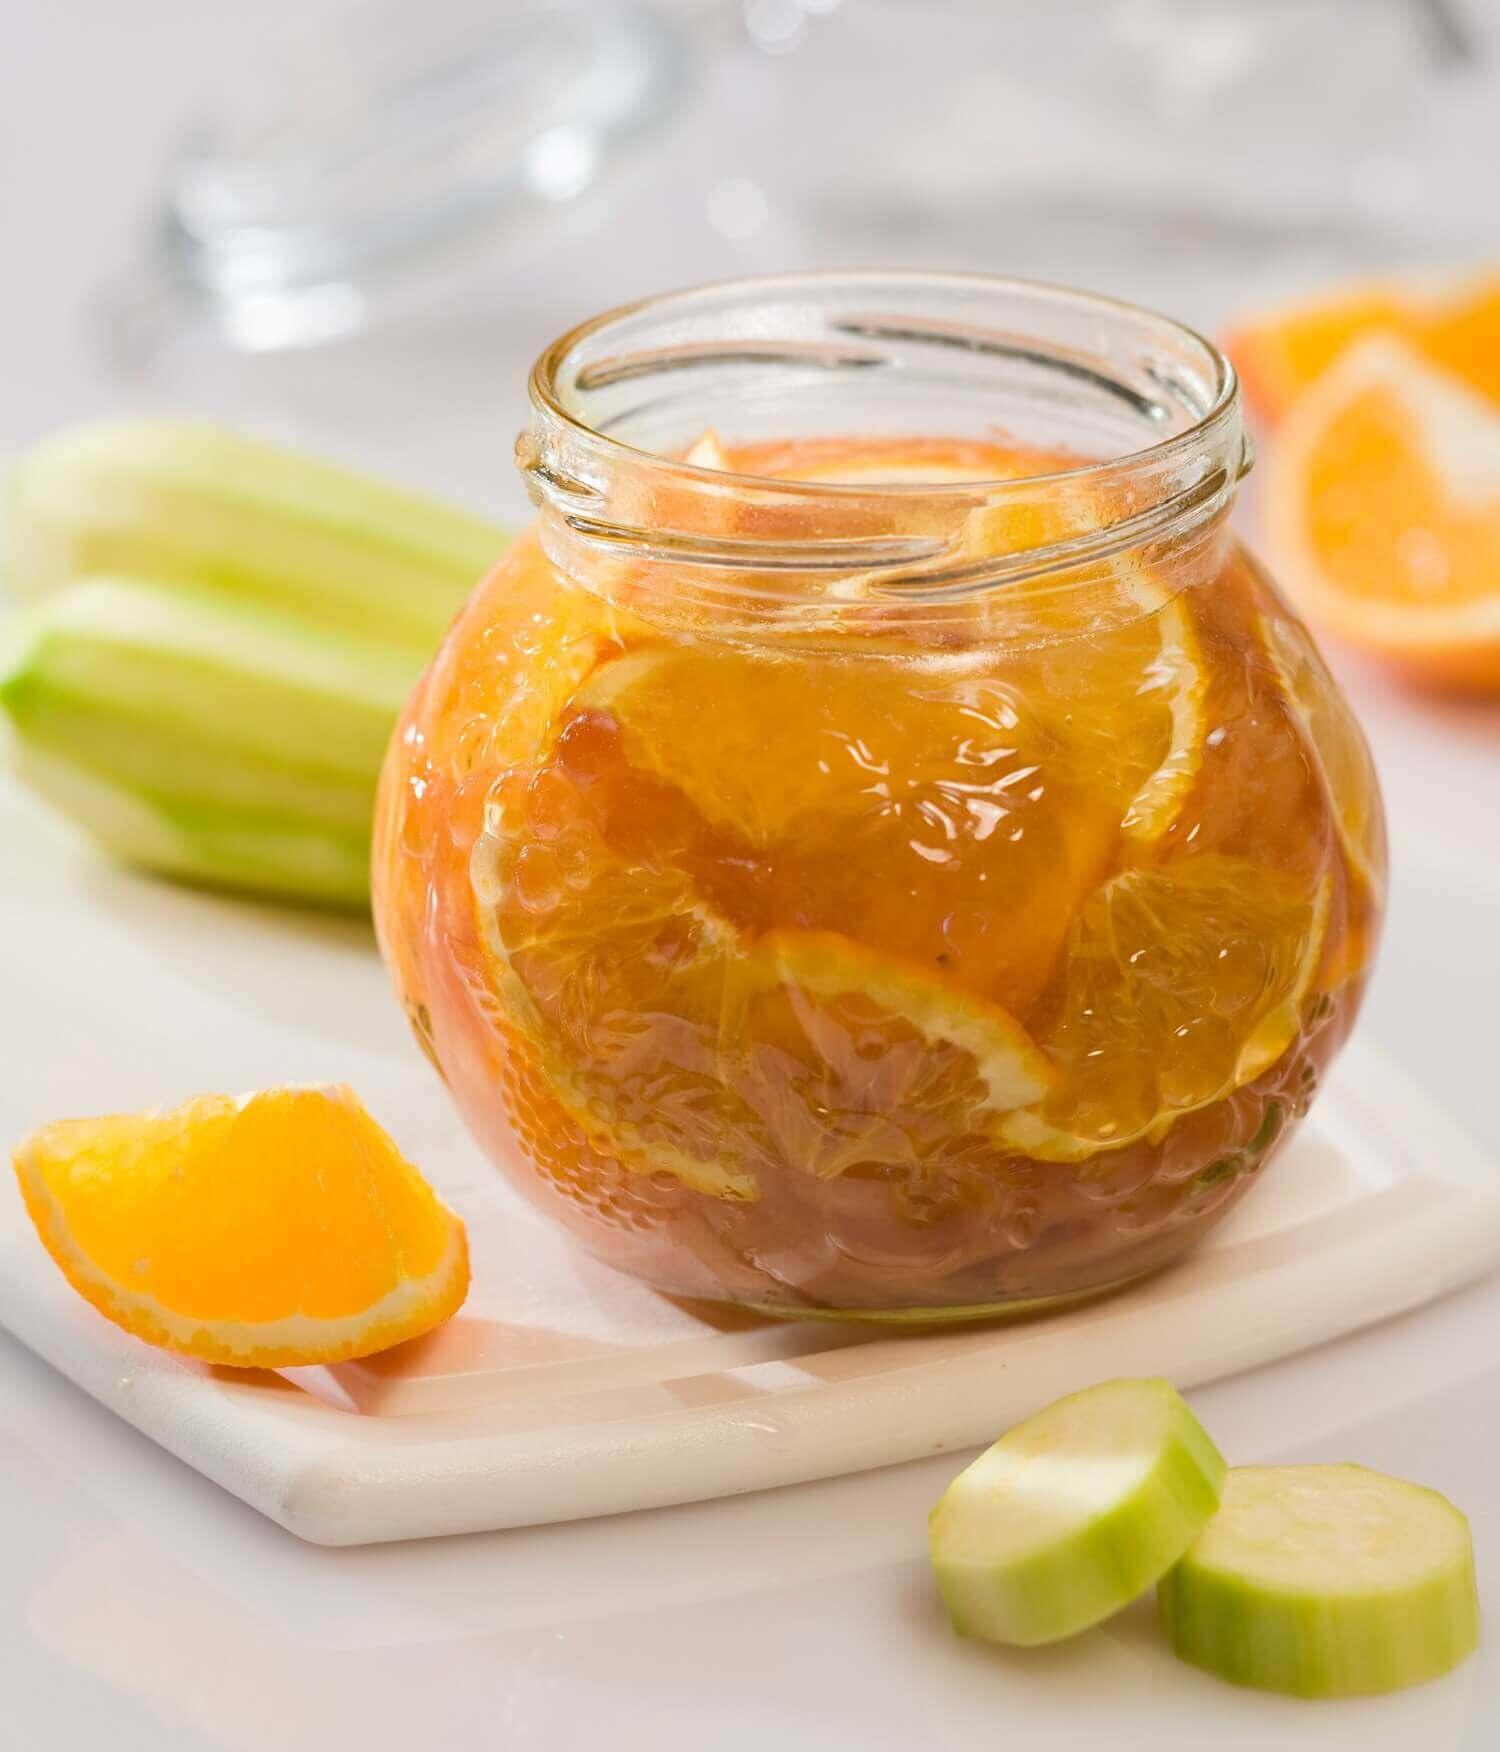 Варенье из кабачков с лимоном, апельсином, яблоком, имбирем: самый вкусный рецепт через мясорубку. кабачковое варенье под ананас